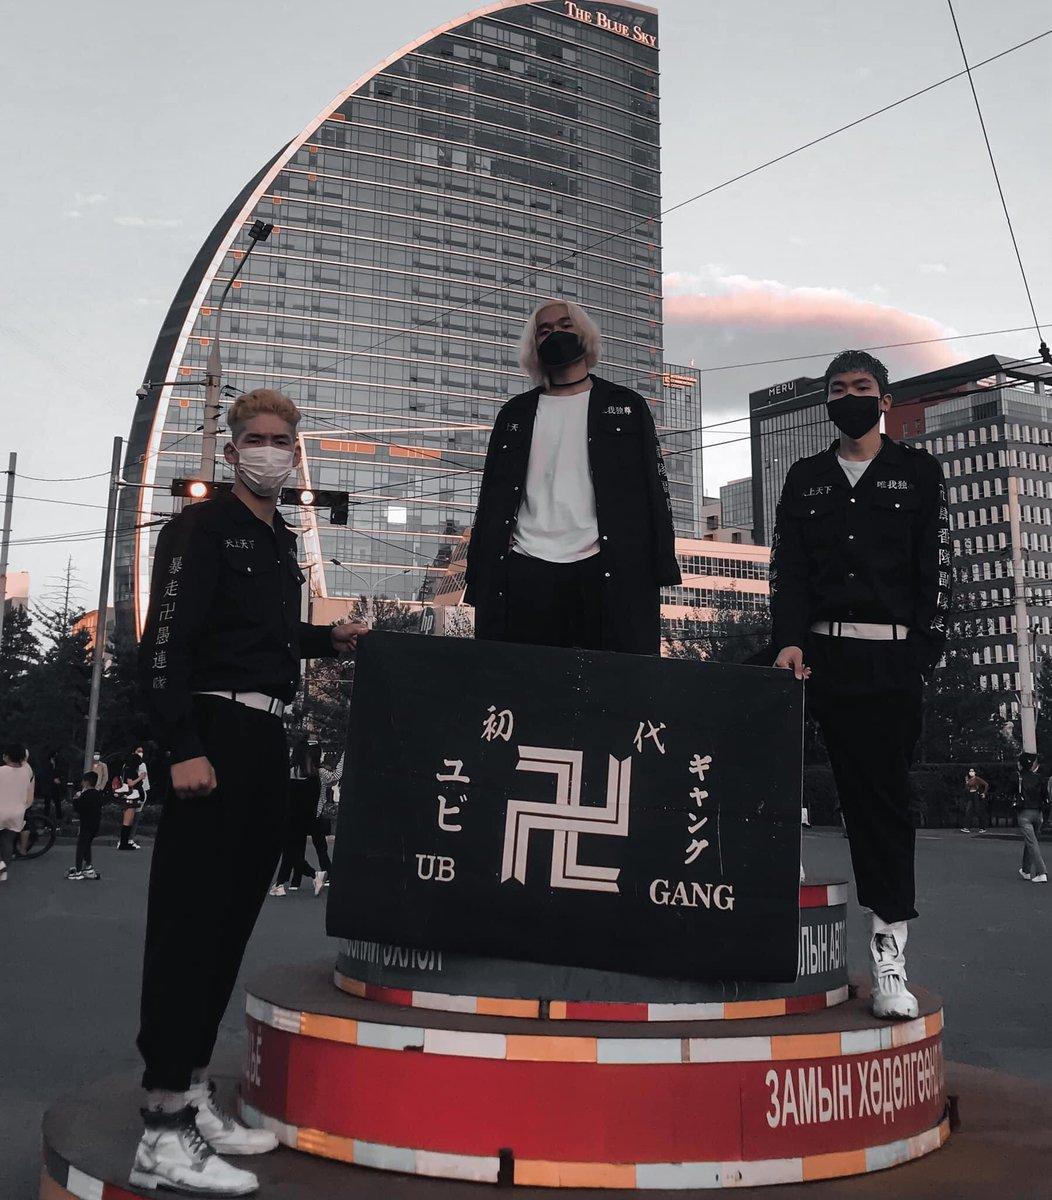 海外ではこれがオシャレ?モンゴルでは日本式の暴走族の特攻服を着ている!